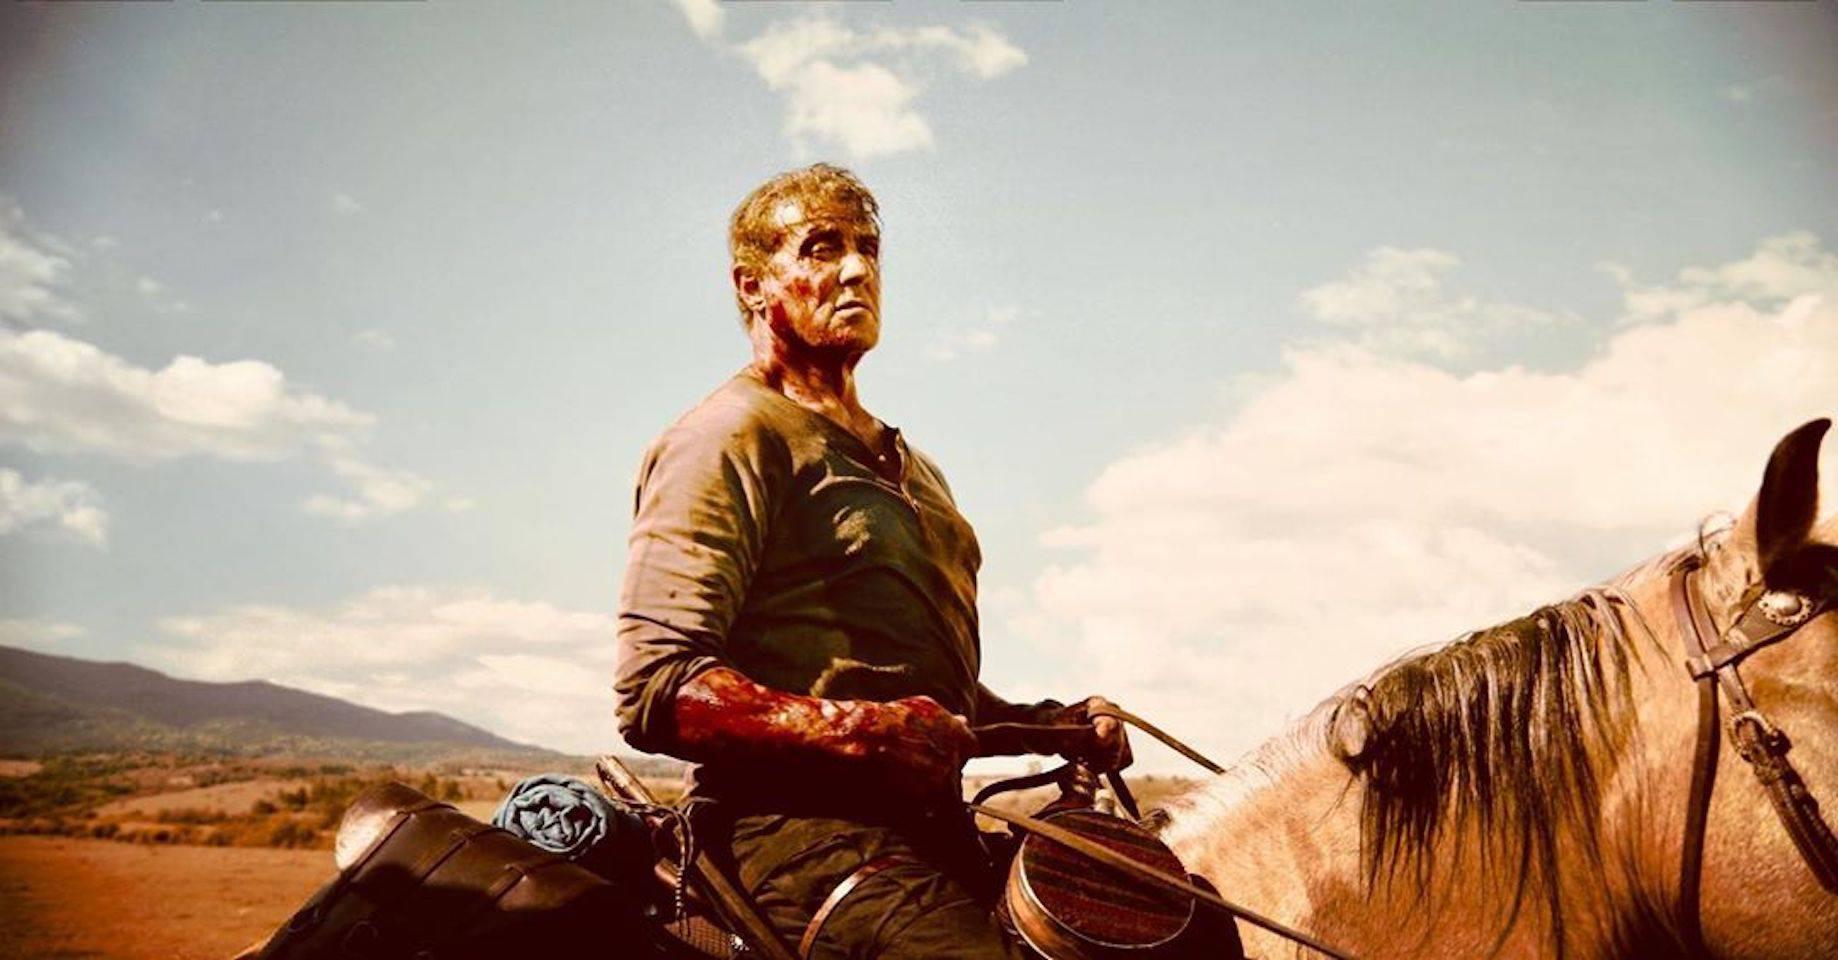 Da se ne zove Rambo, ovaj film nikad ne bi završio u kinima...